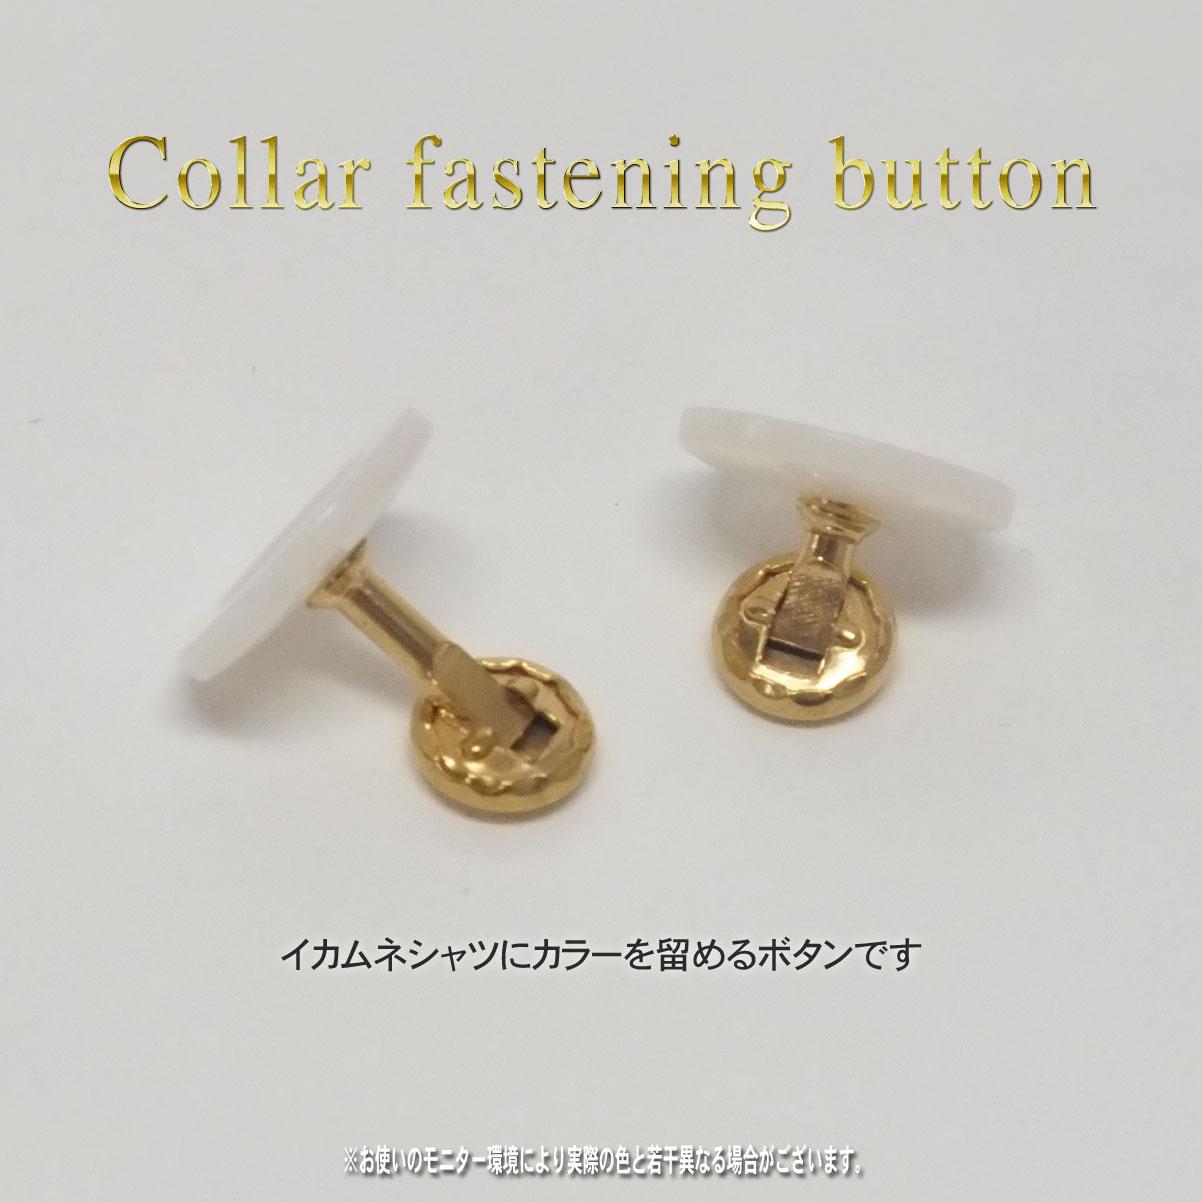 カラー留めボタン(2個1組) Collar fastening button